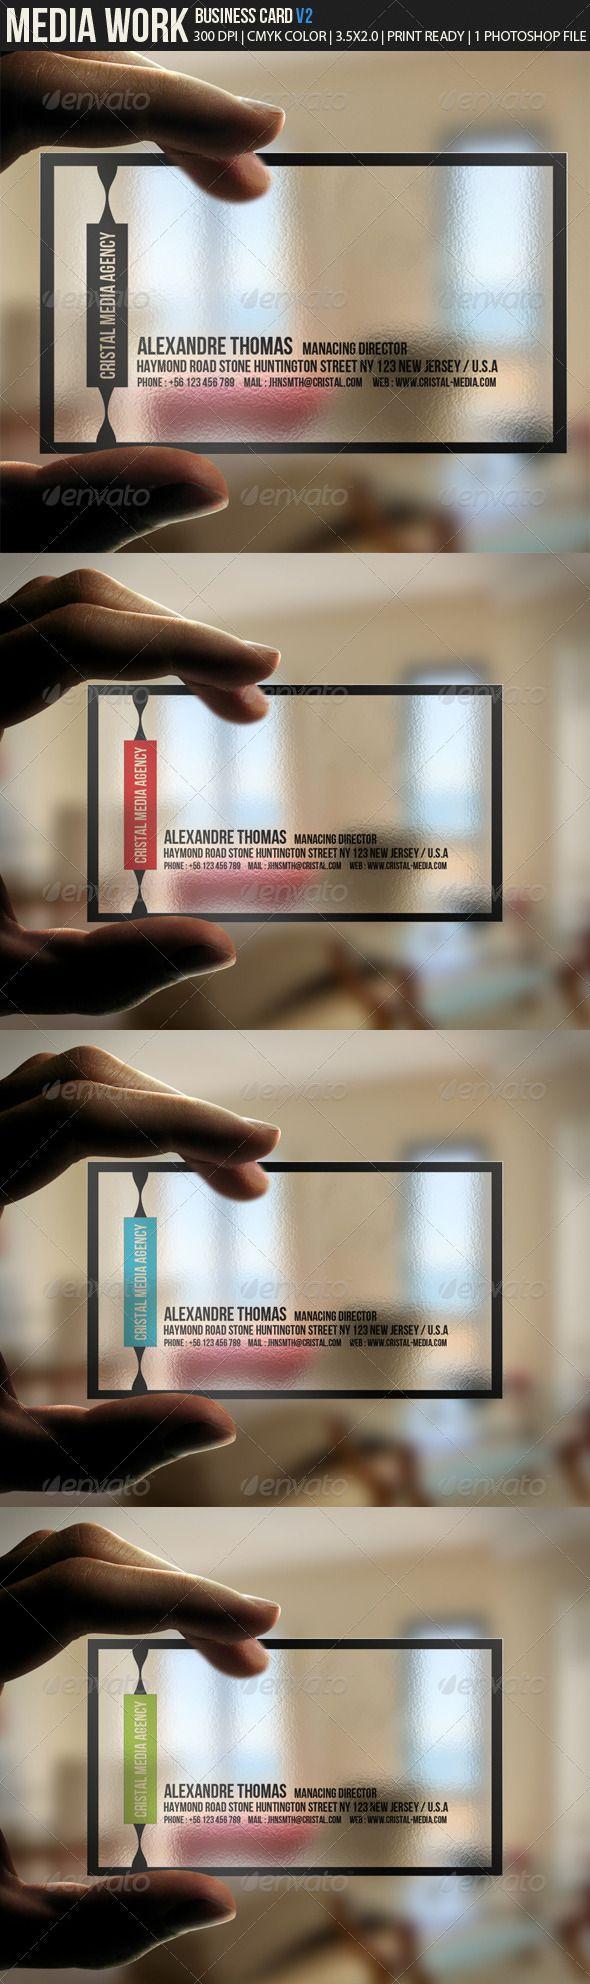 Media Work V2 Business cards http://www.bce-online.com/en repinned by www.BlickeDeeler.de